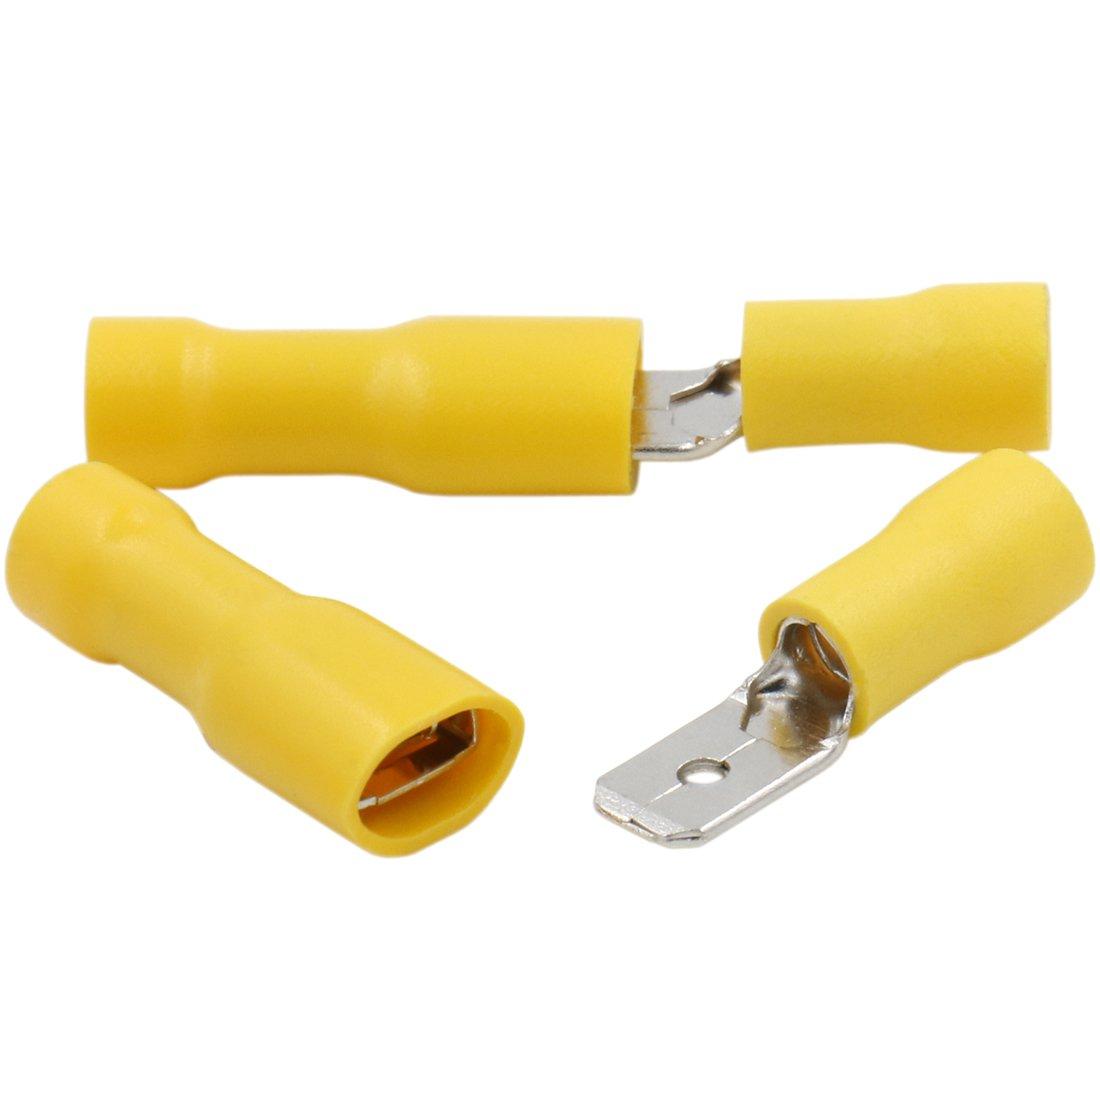 Heschen männlich/weiblich schnelle in Vinyl voll isoliert 6,3x 0,8mm-Terminal für 4–6mm² (100Stück 12–10AWG), Gelb Heschen Electric Co.Ltd